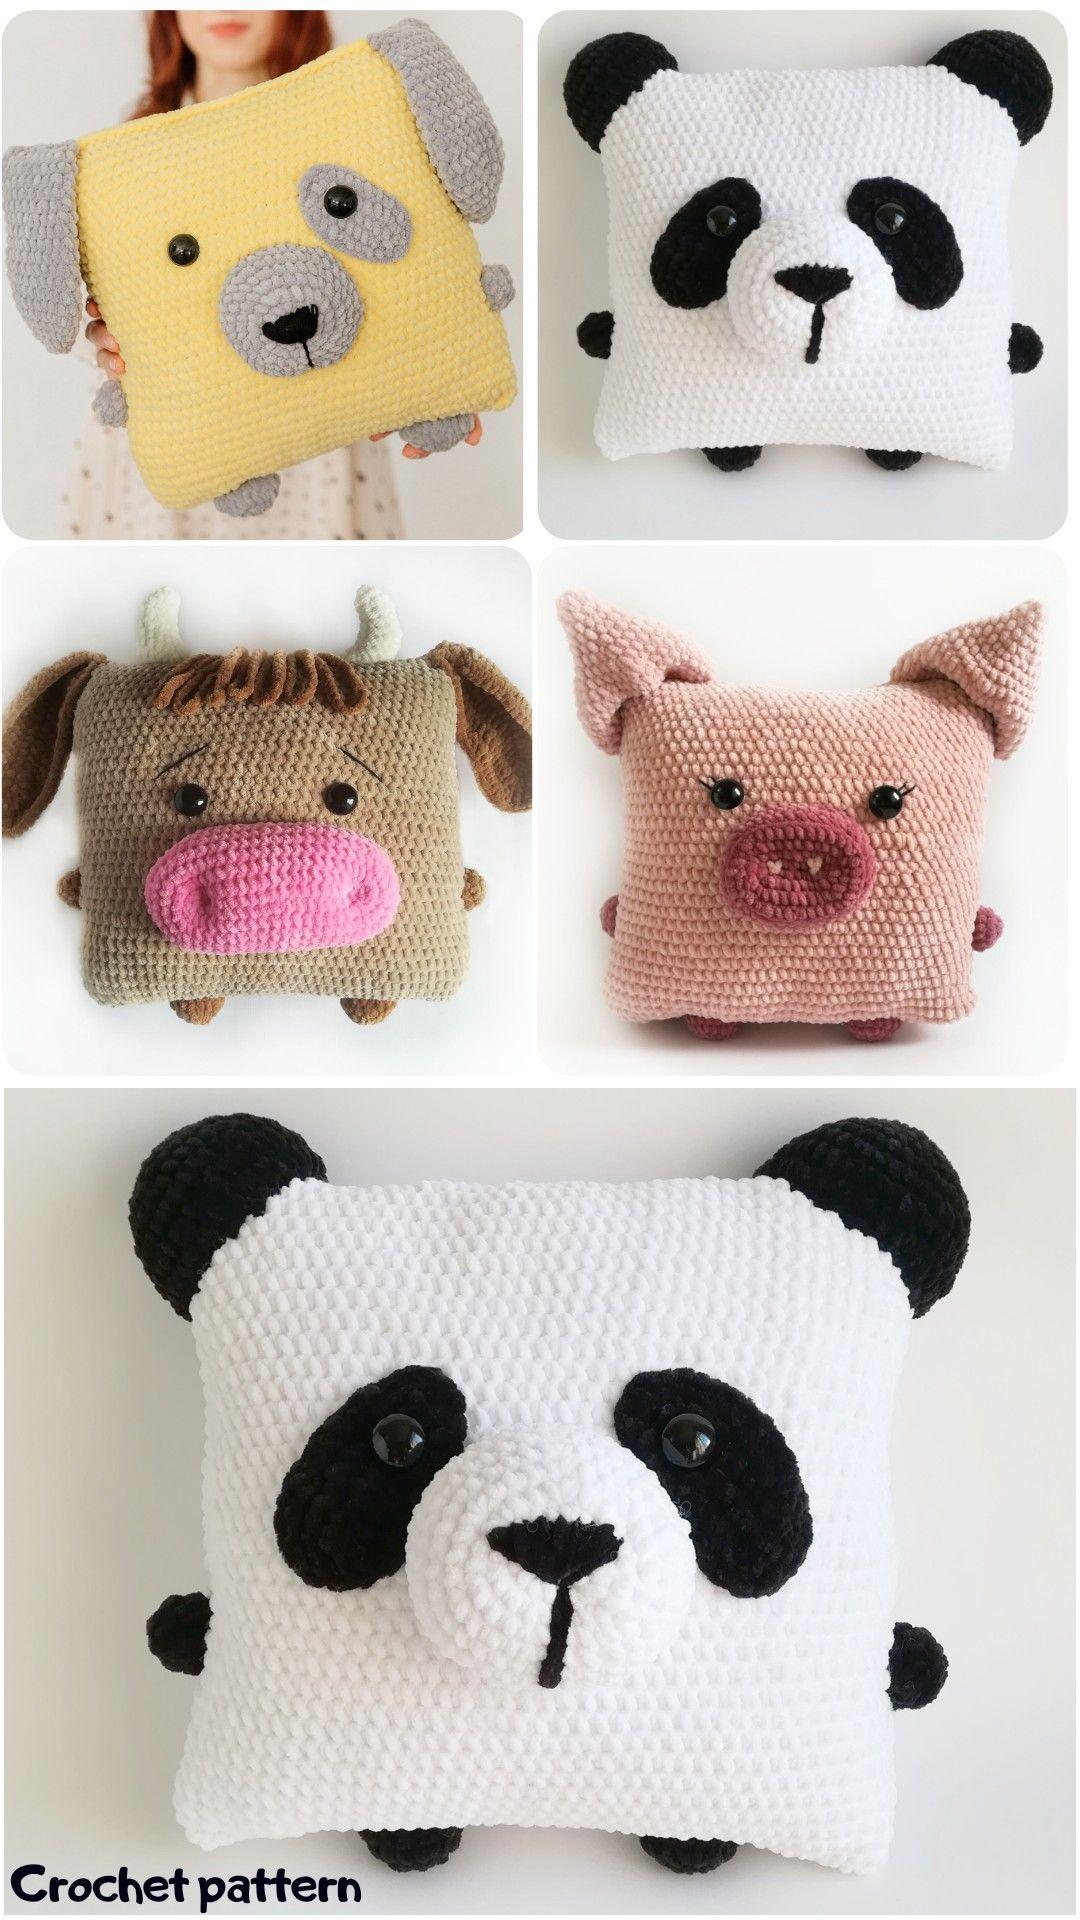 crochet pillow, amigurumi pattern, amigurumi panda, crochet dog, amigurumi pig, crochet bull